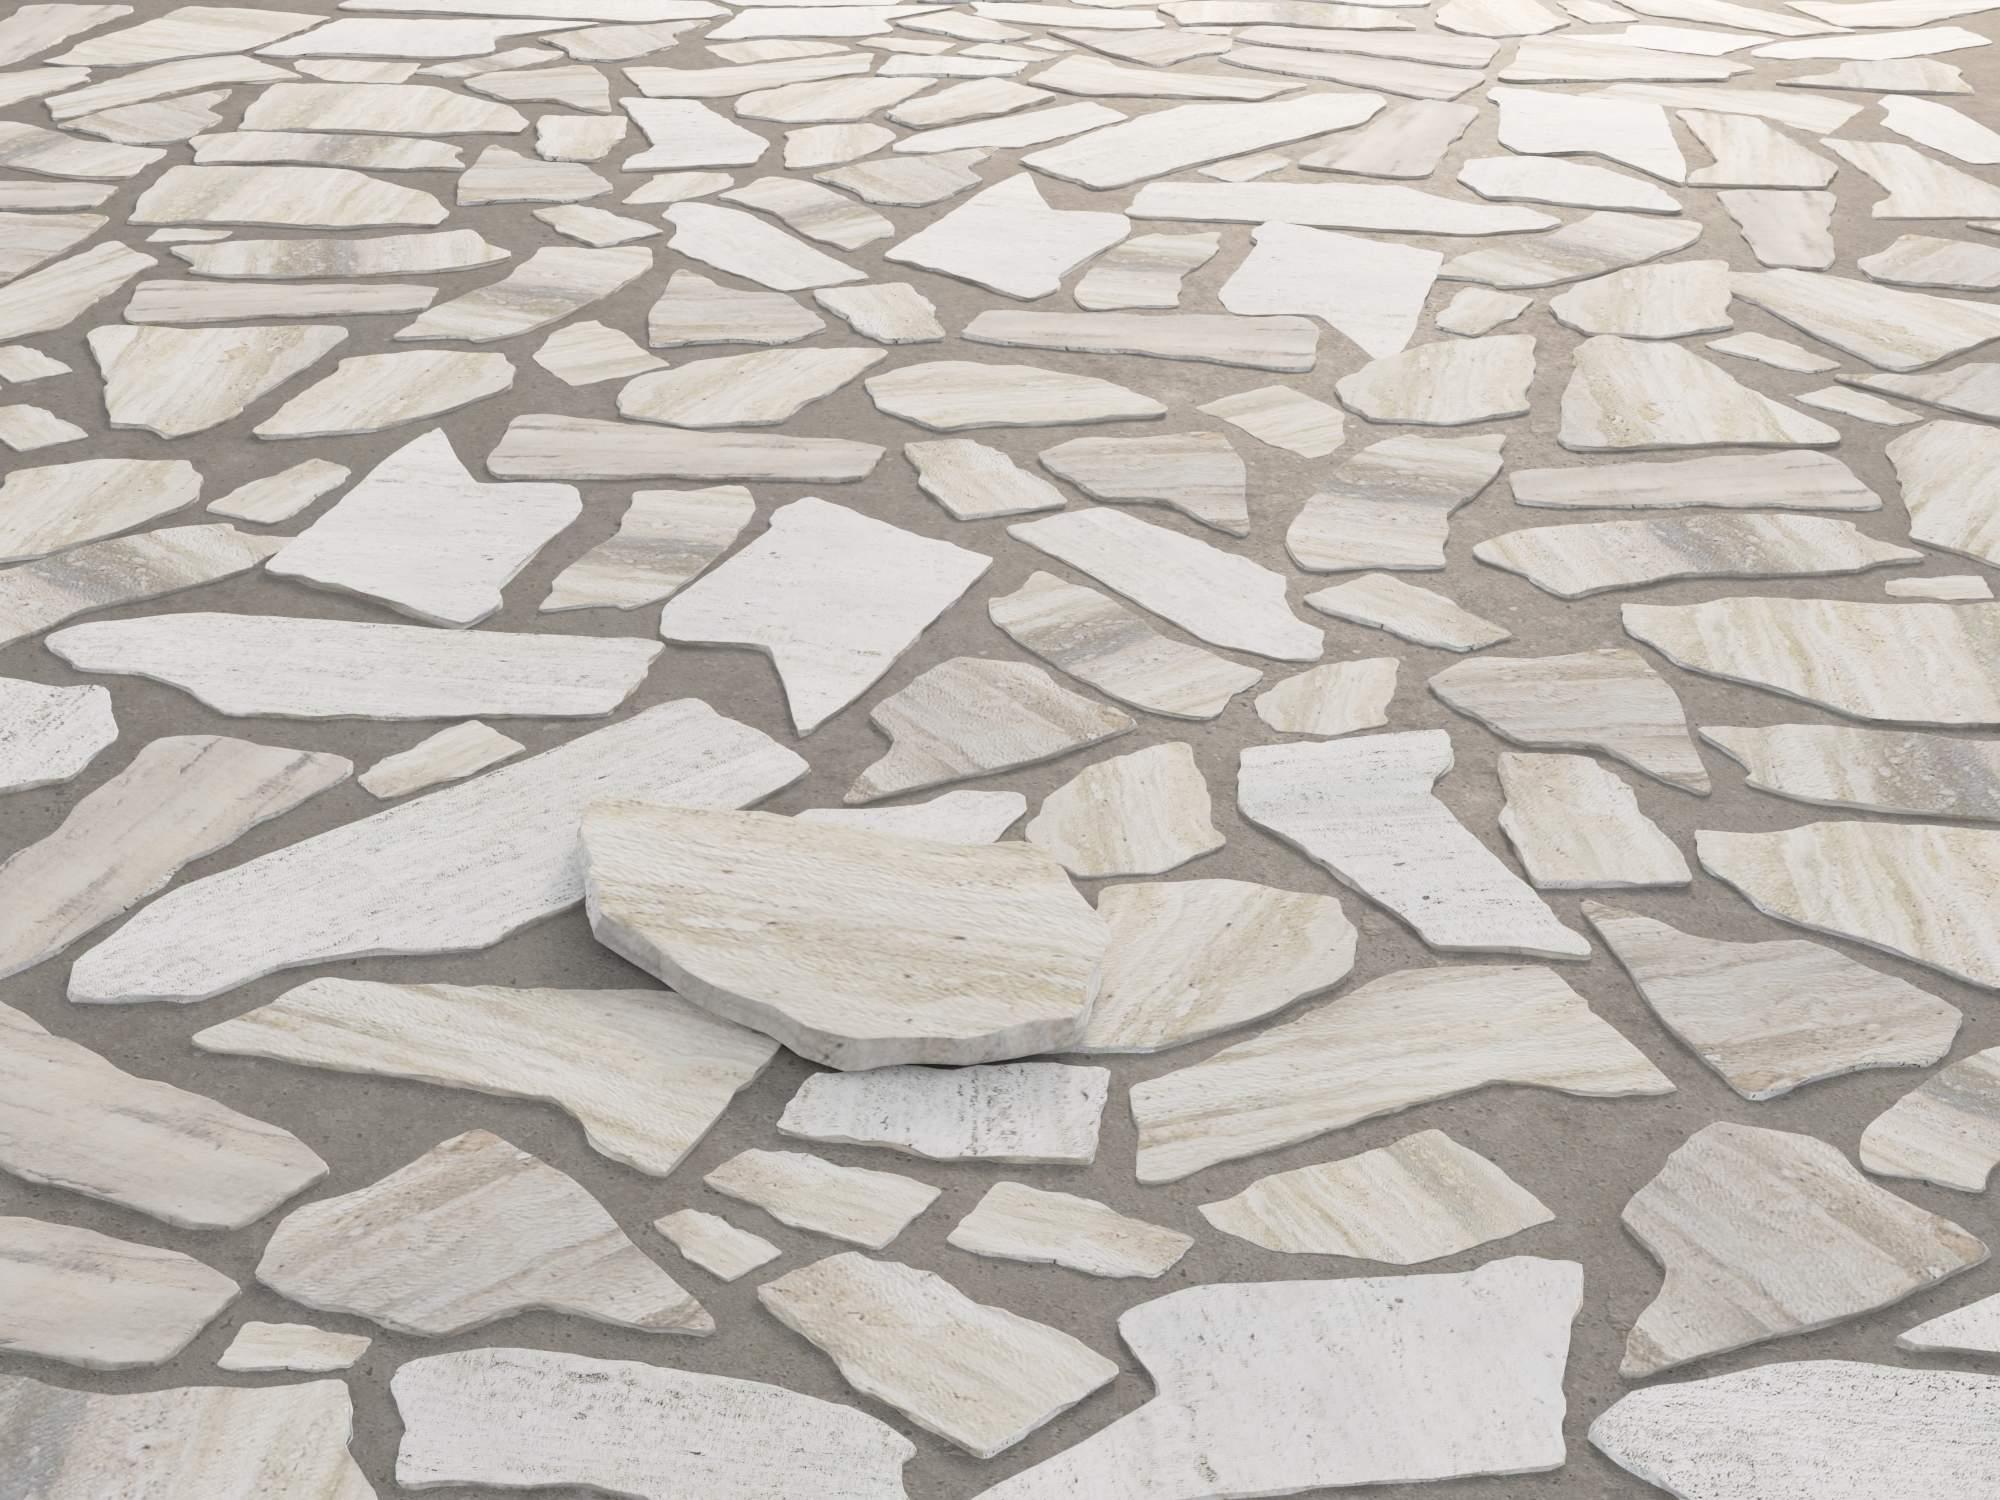 garten gestalten mit steinen frisch terrasse stein of garten gestalten mit steinen